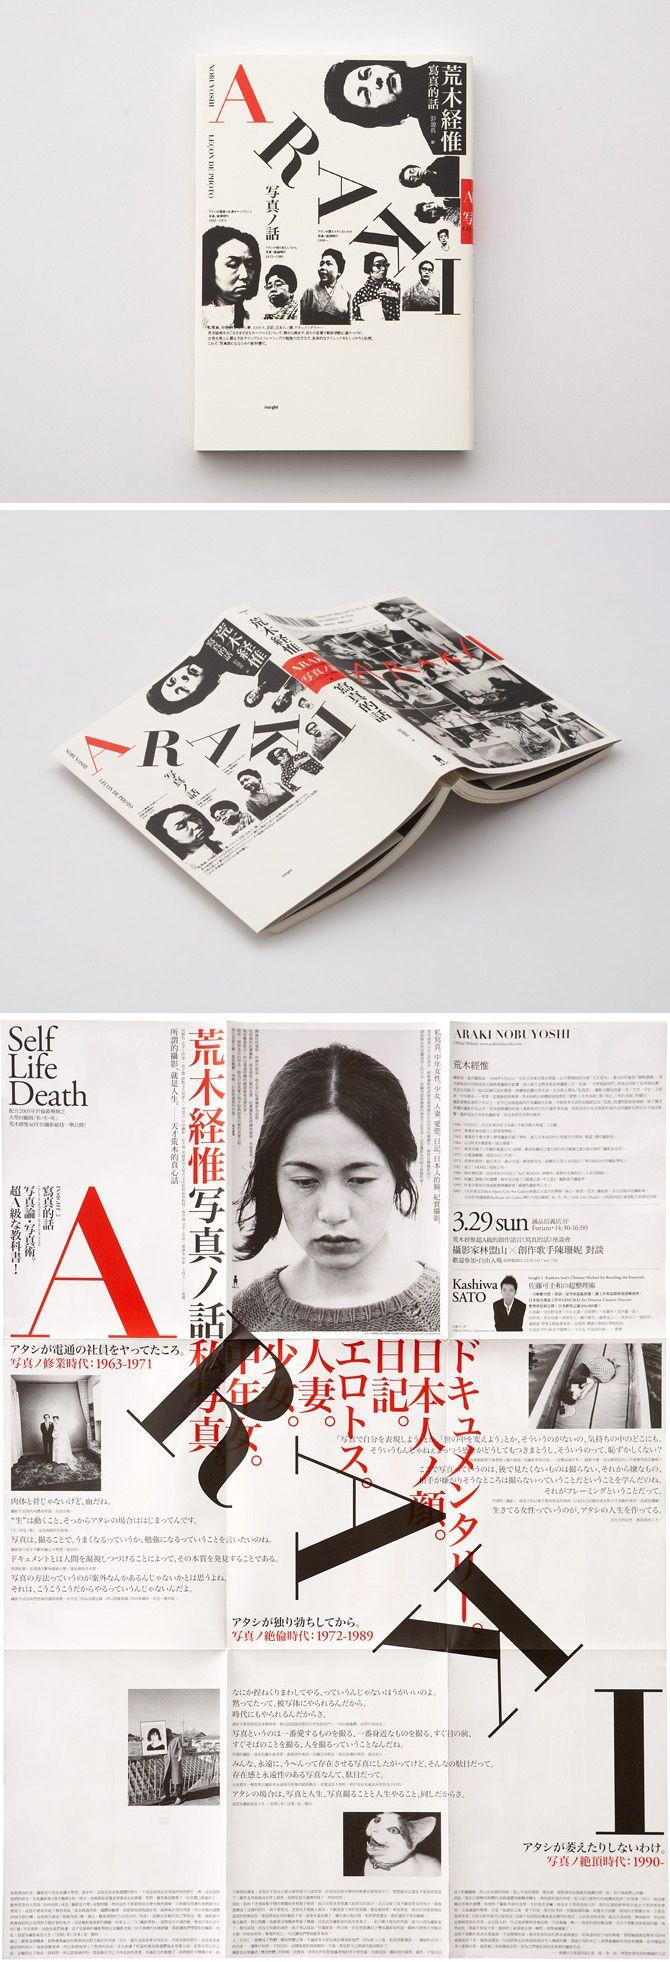 Insight 2: Shashin No Hanashi 荒木經惟 | 王志弘, 2009